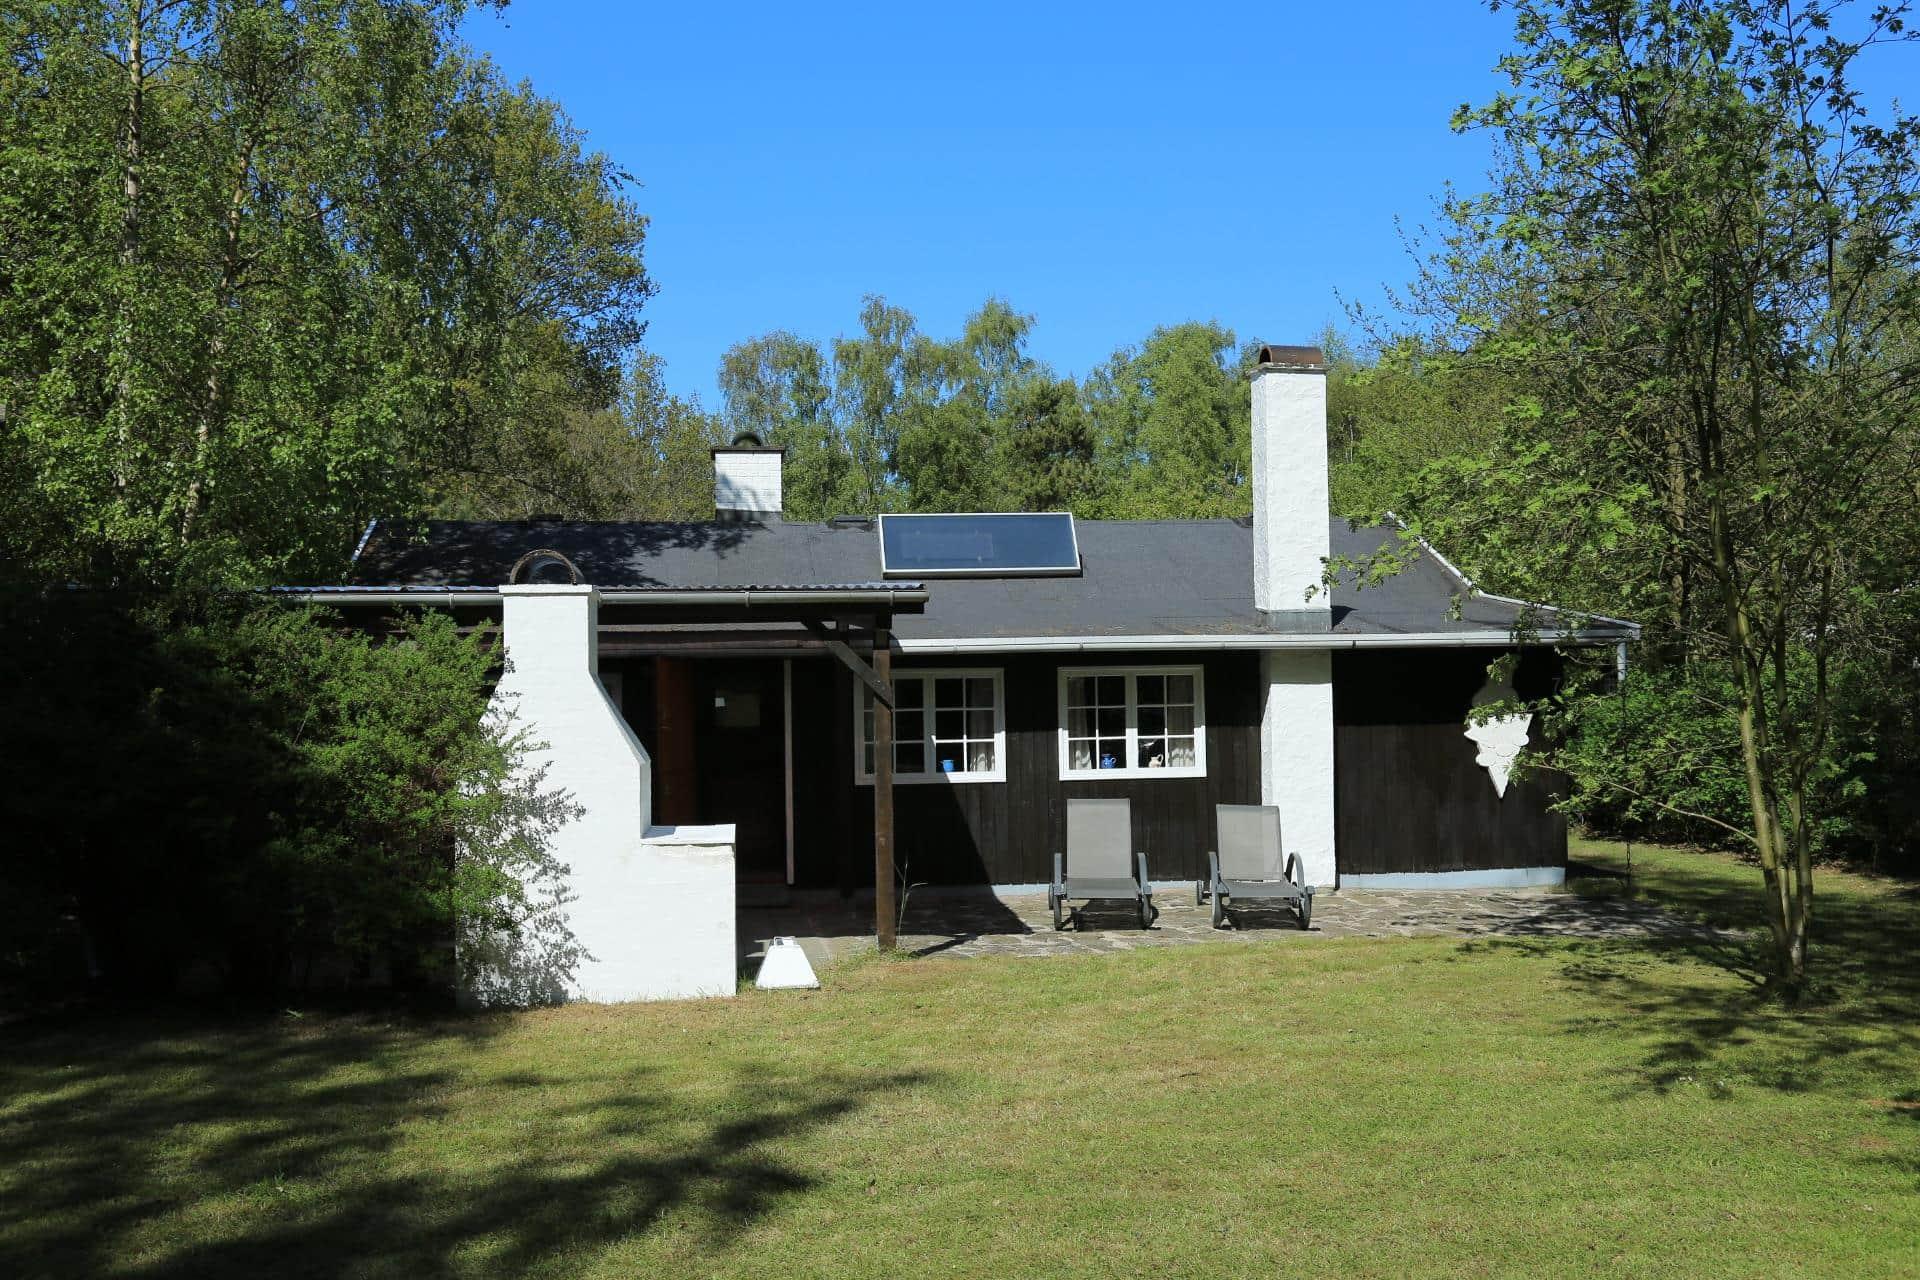 Bilde 1-10 Feirehus 6570, Holmegårdsvej 7, DK - 3700 Rønne